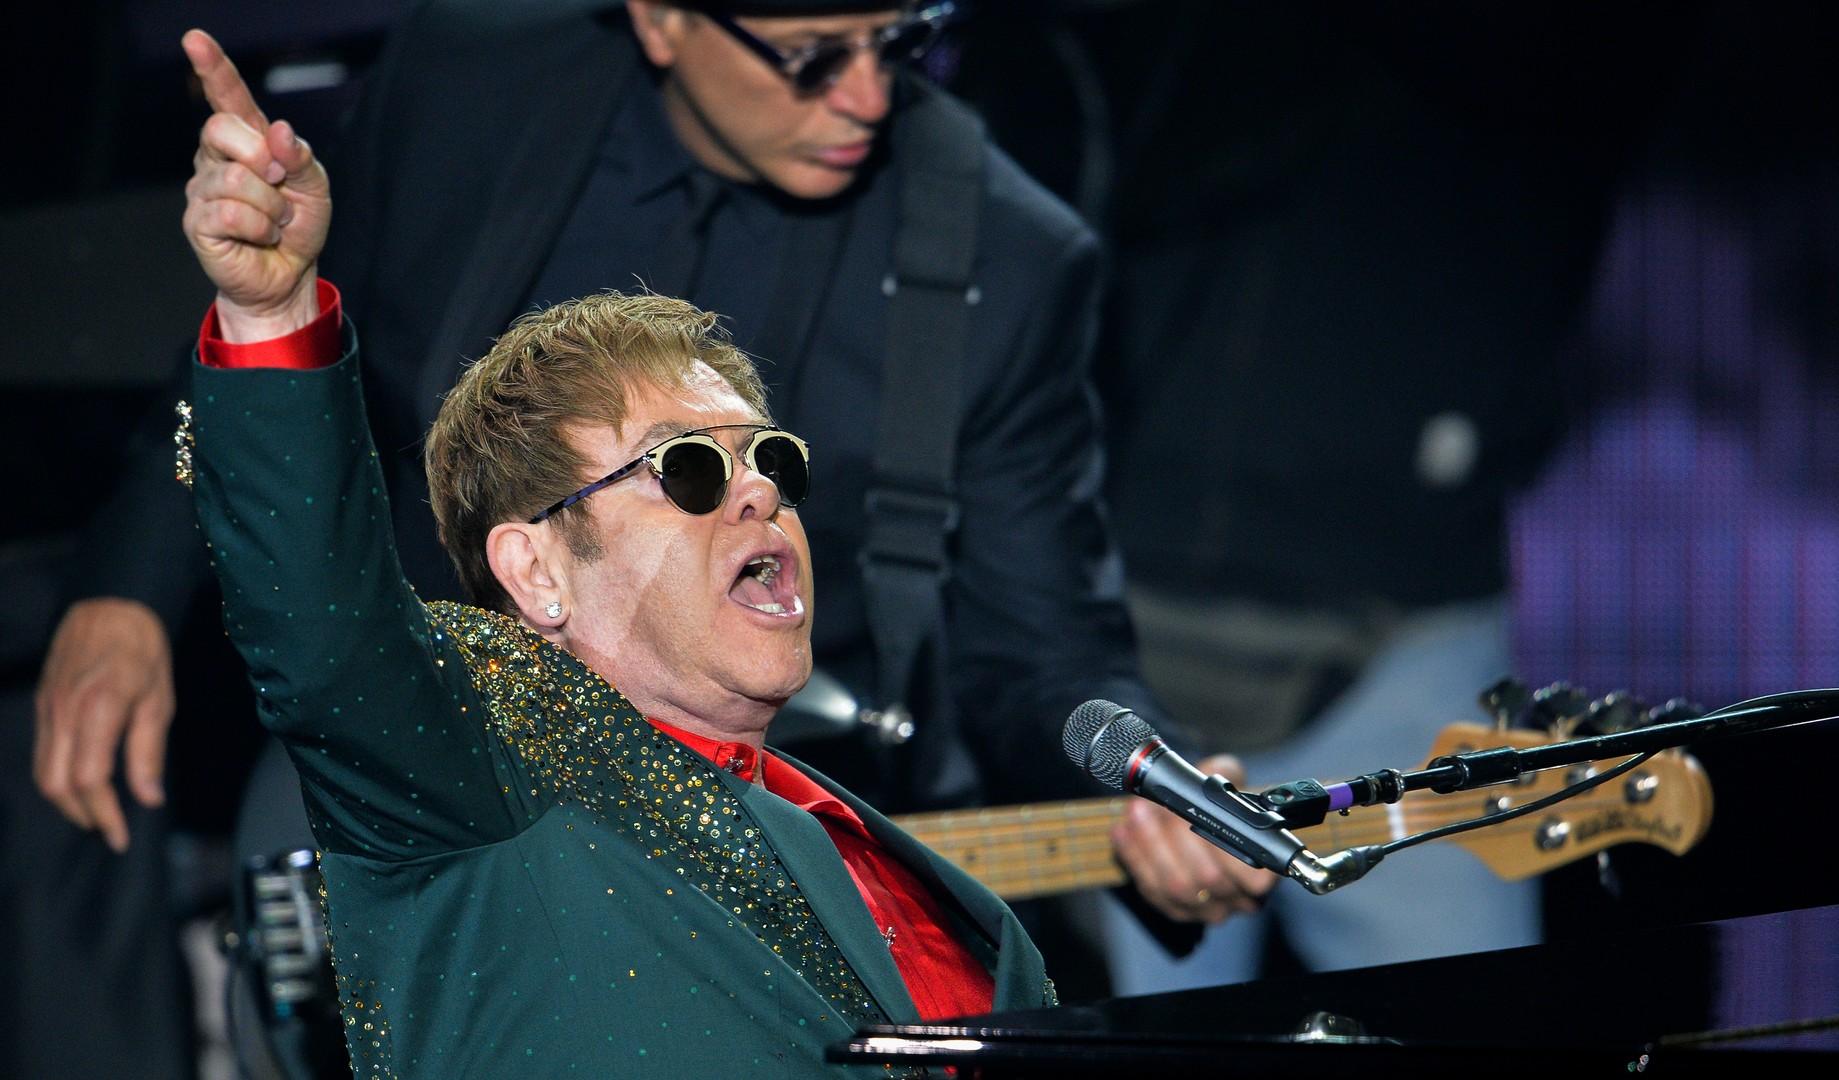 Elton John gehört bekanntlich zu Trumps Lieblingsmusikern. Daher war sein Auftritt bei Trumps Amtseinführungsparty eingeplant. Jedoch haben seine Vertreter den Organisatoren zu verstehen gegeben, dass Sir John mit dieser Veranstaltung nichts gemeinsam haben möchte.